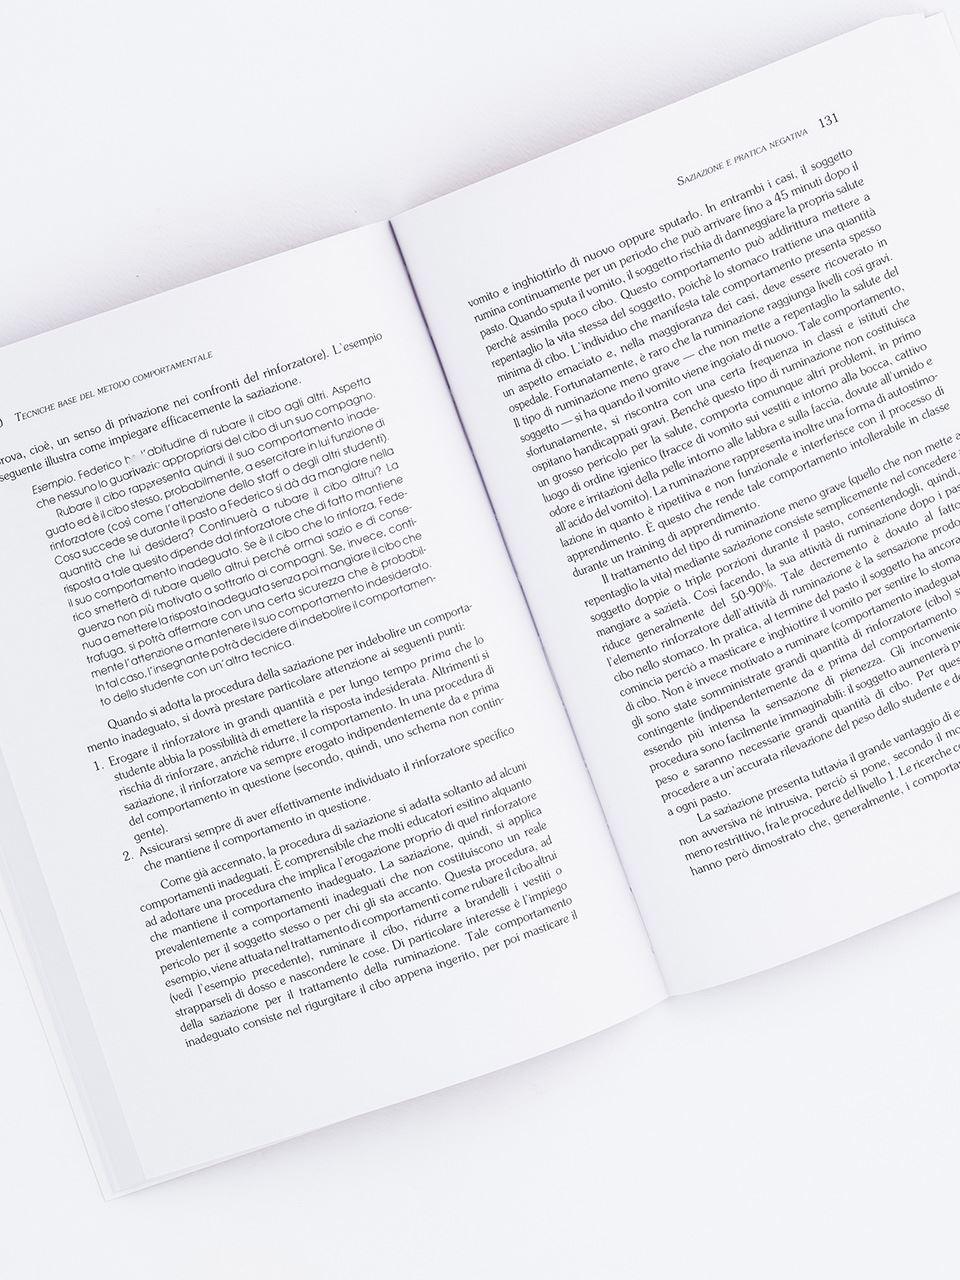 Tecniche base del metodo comportamentale - Libri - Erickson 2